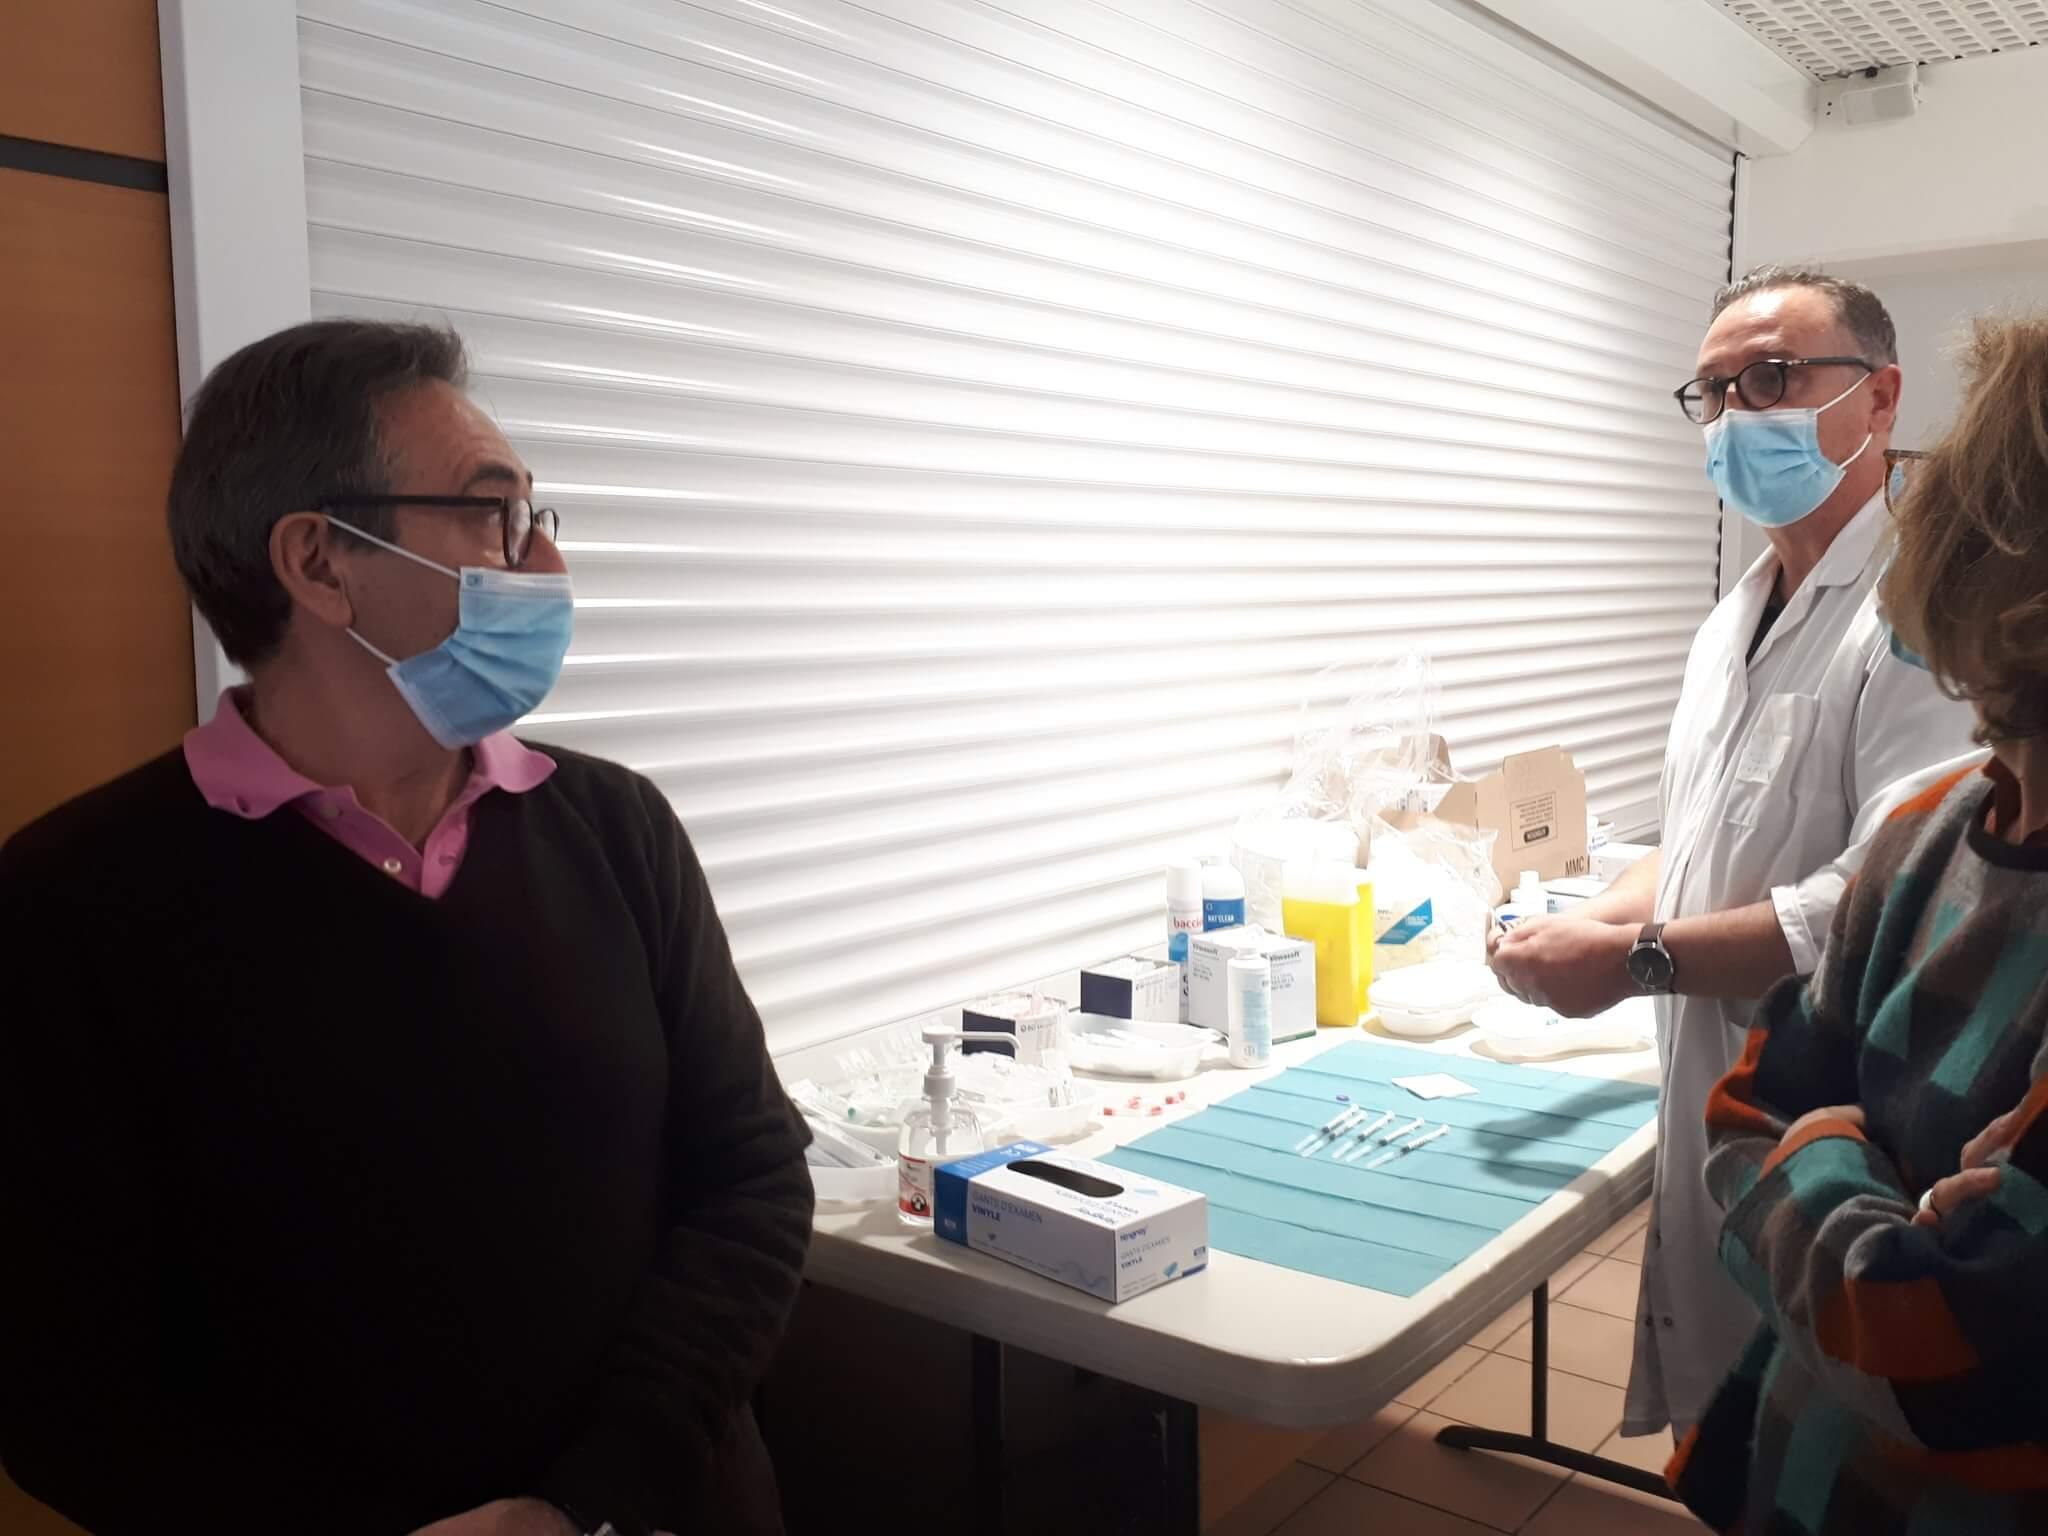 Sucy-en-Brie: le centre de vaccination Covid s'inquiète des restrictions de doses